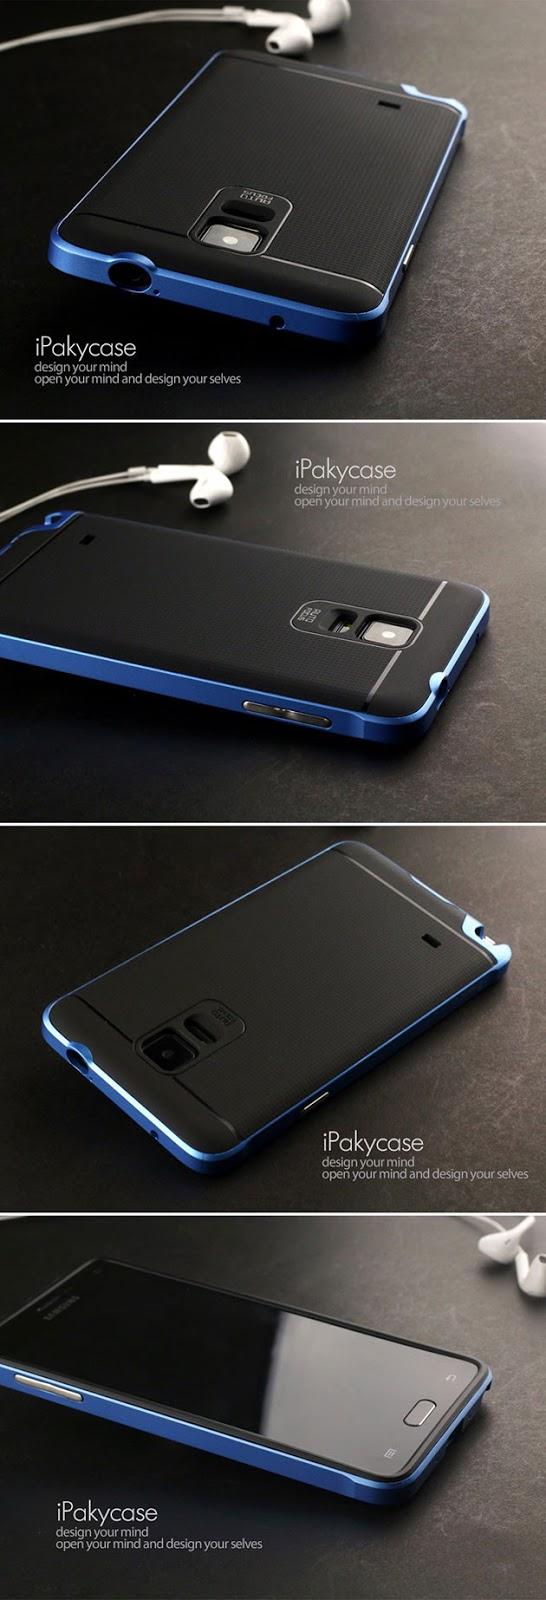 เคส Note 4 สไตล์ไฮบริดของแท้ 131005 สีน้ำเงินสว่าง